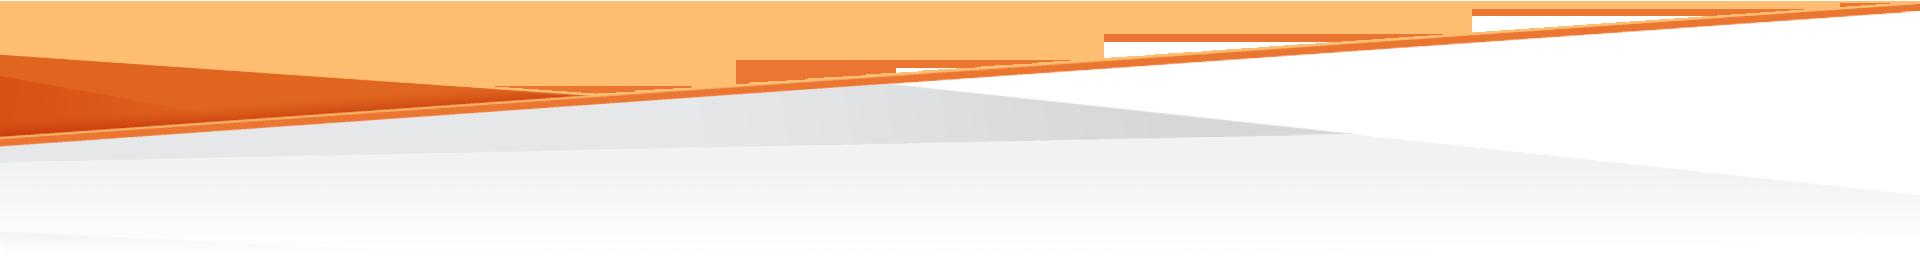 orange_faceted_divider_res.png